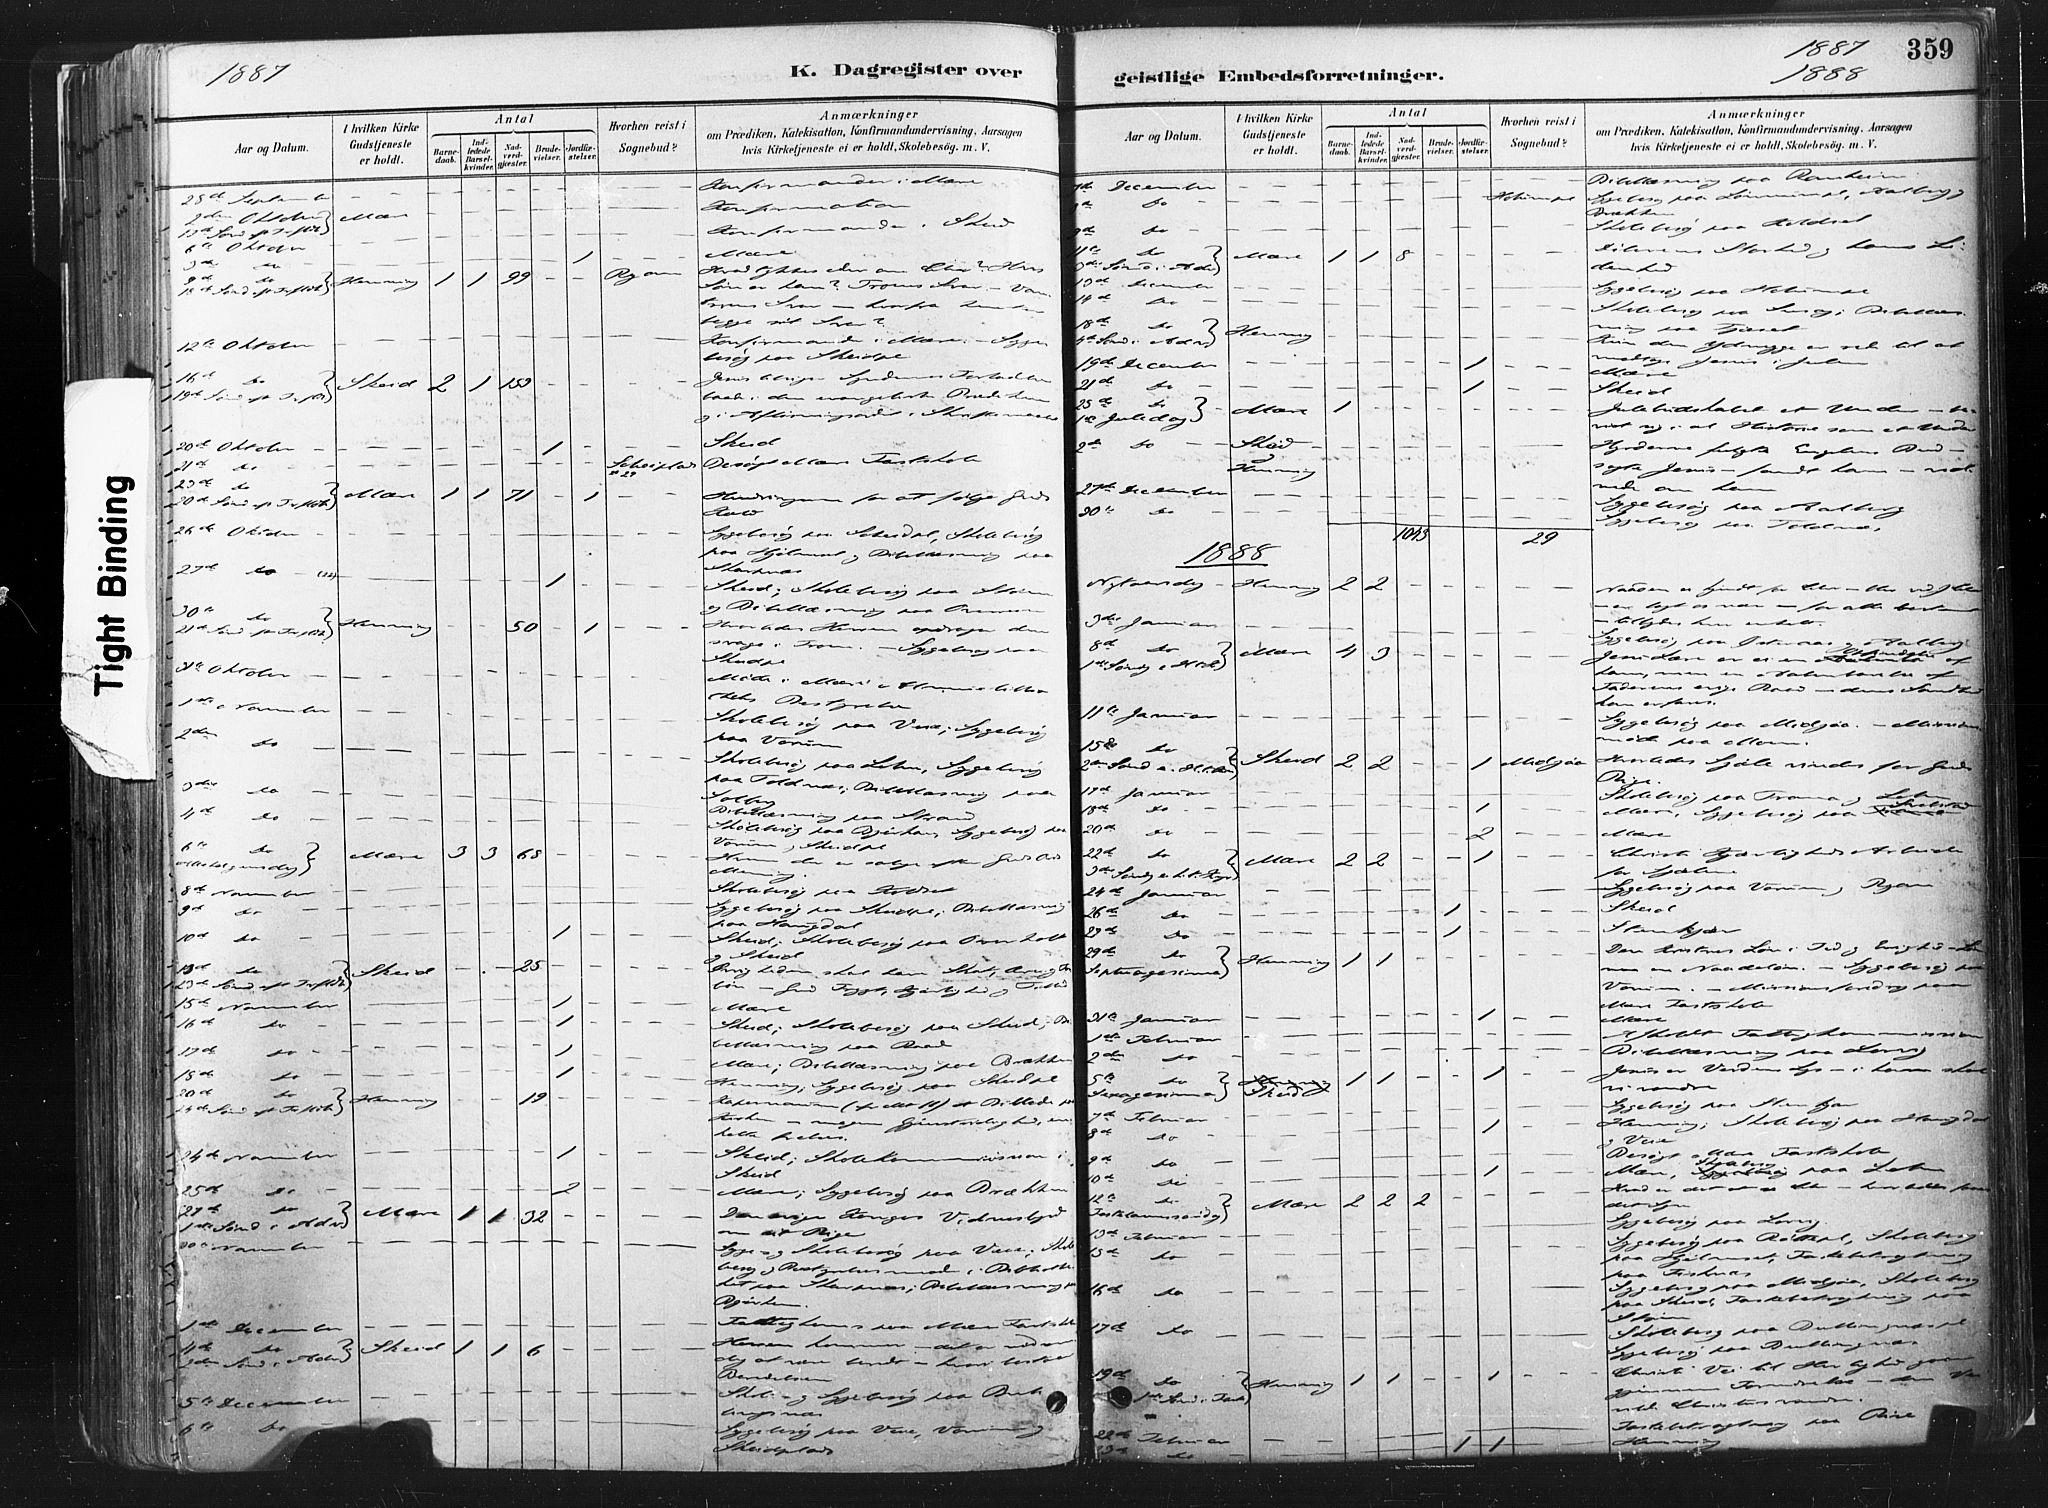 SAT, Ministerialprotokoller, klokkerbøker og fødselsregistre - Nord-Trøndelag, 735/L0351: Ministerialbok nr. 735A10, 1884-1908, s. 359